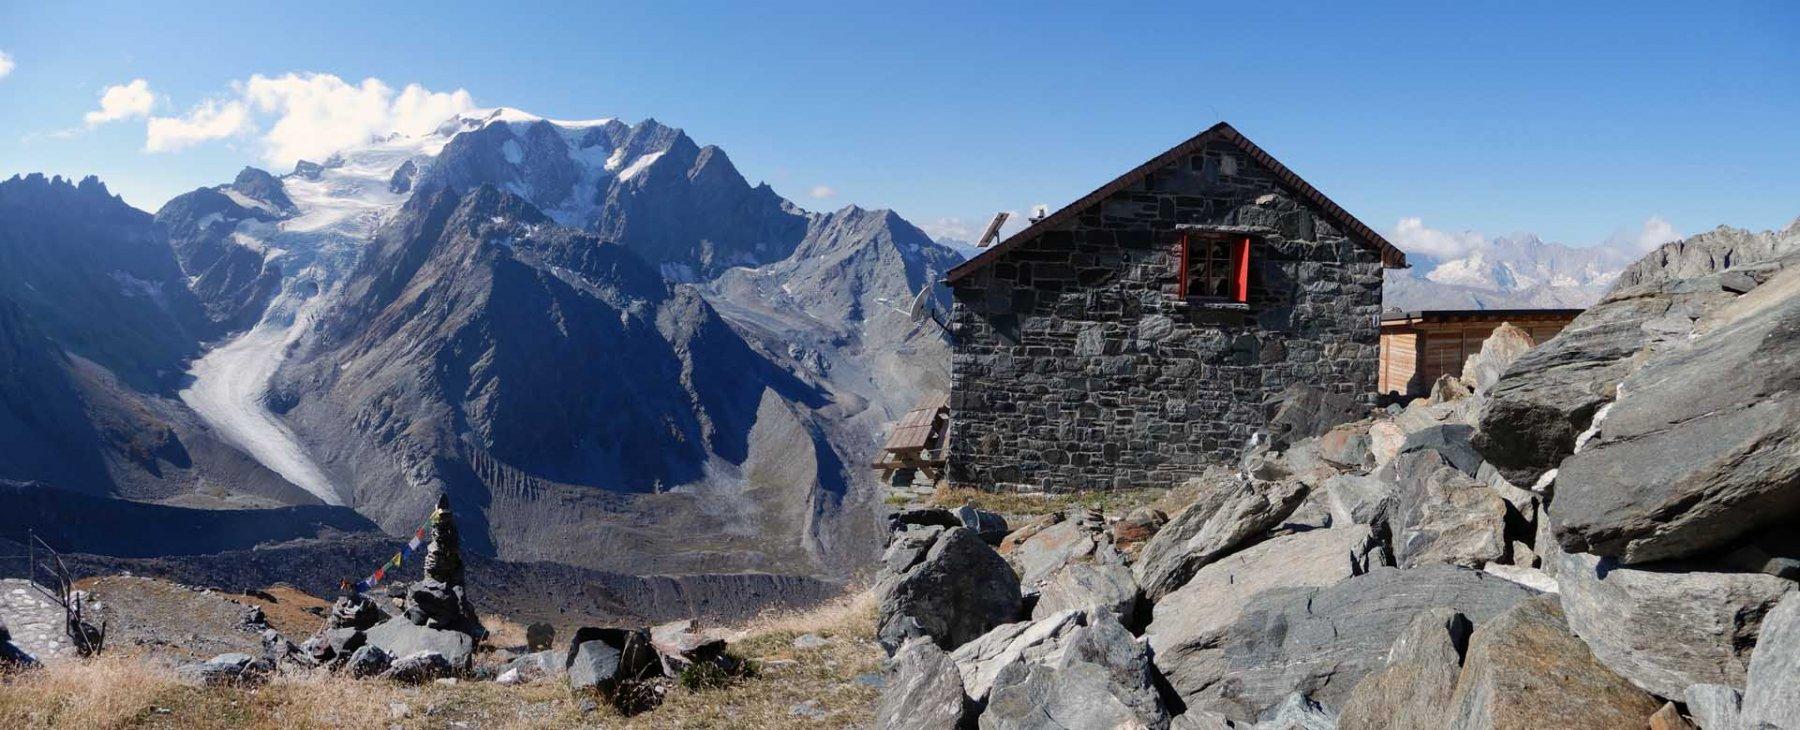 rifugio e mont velan